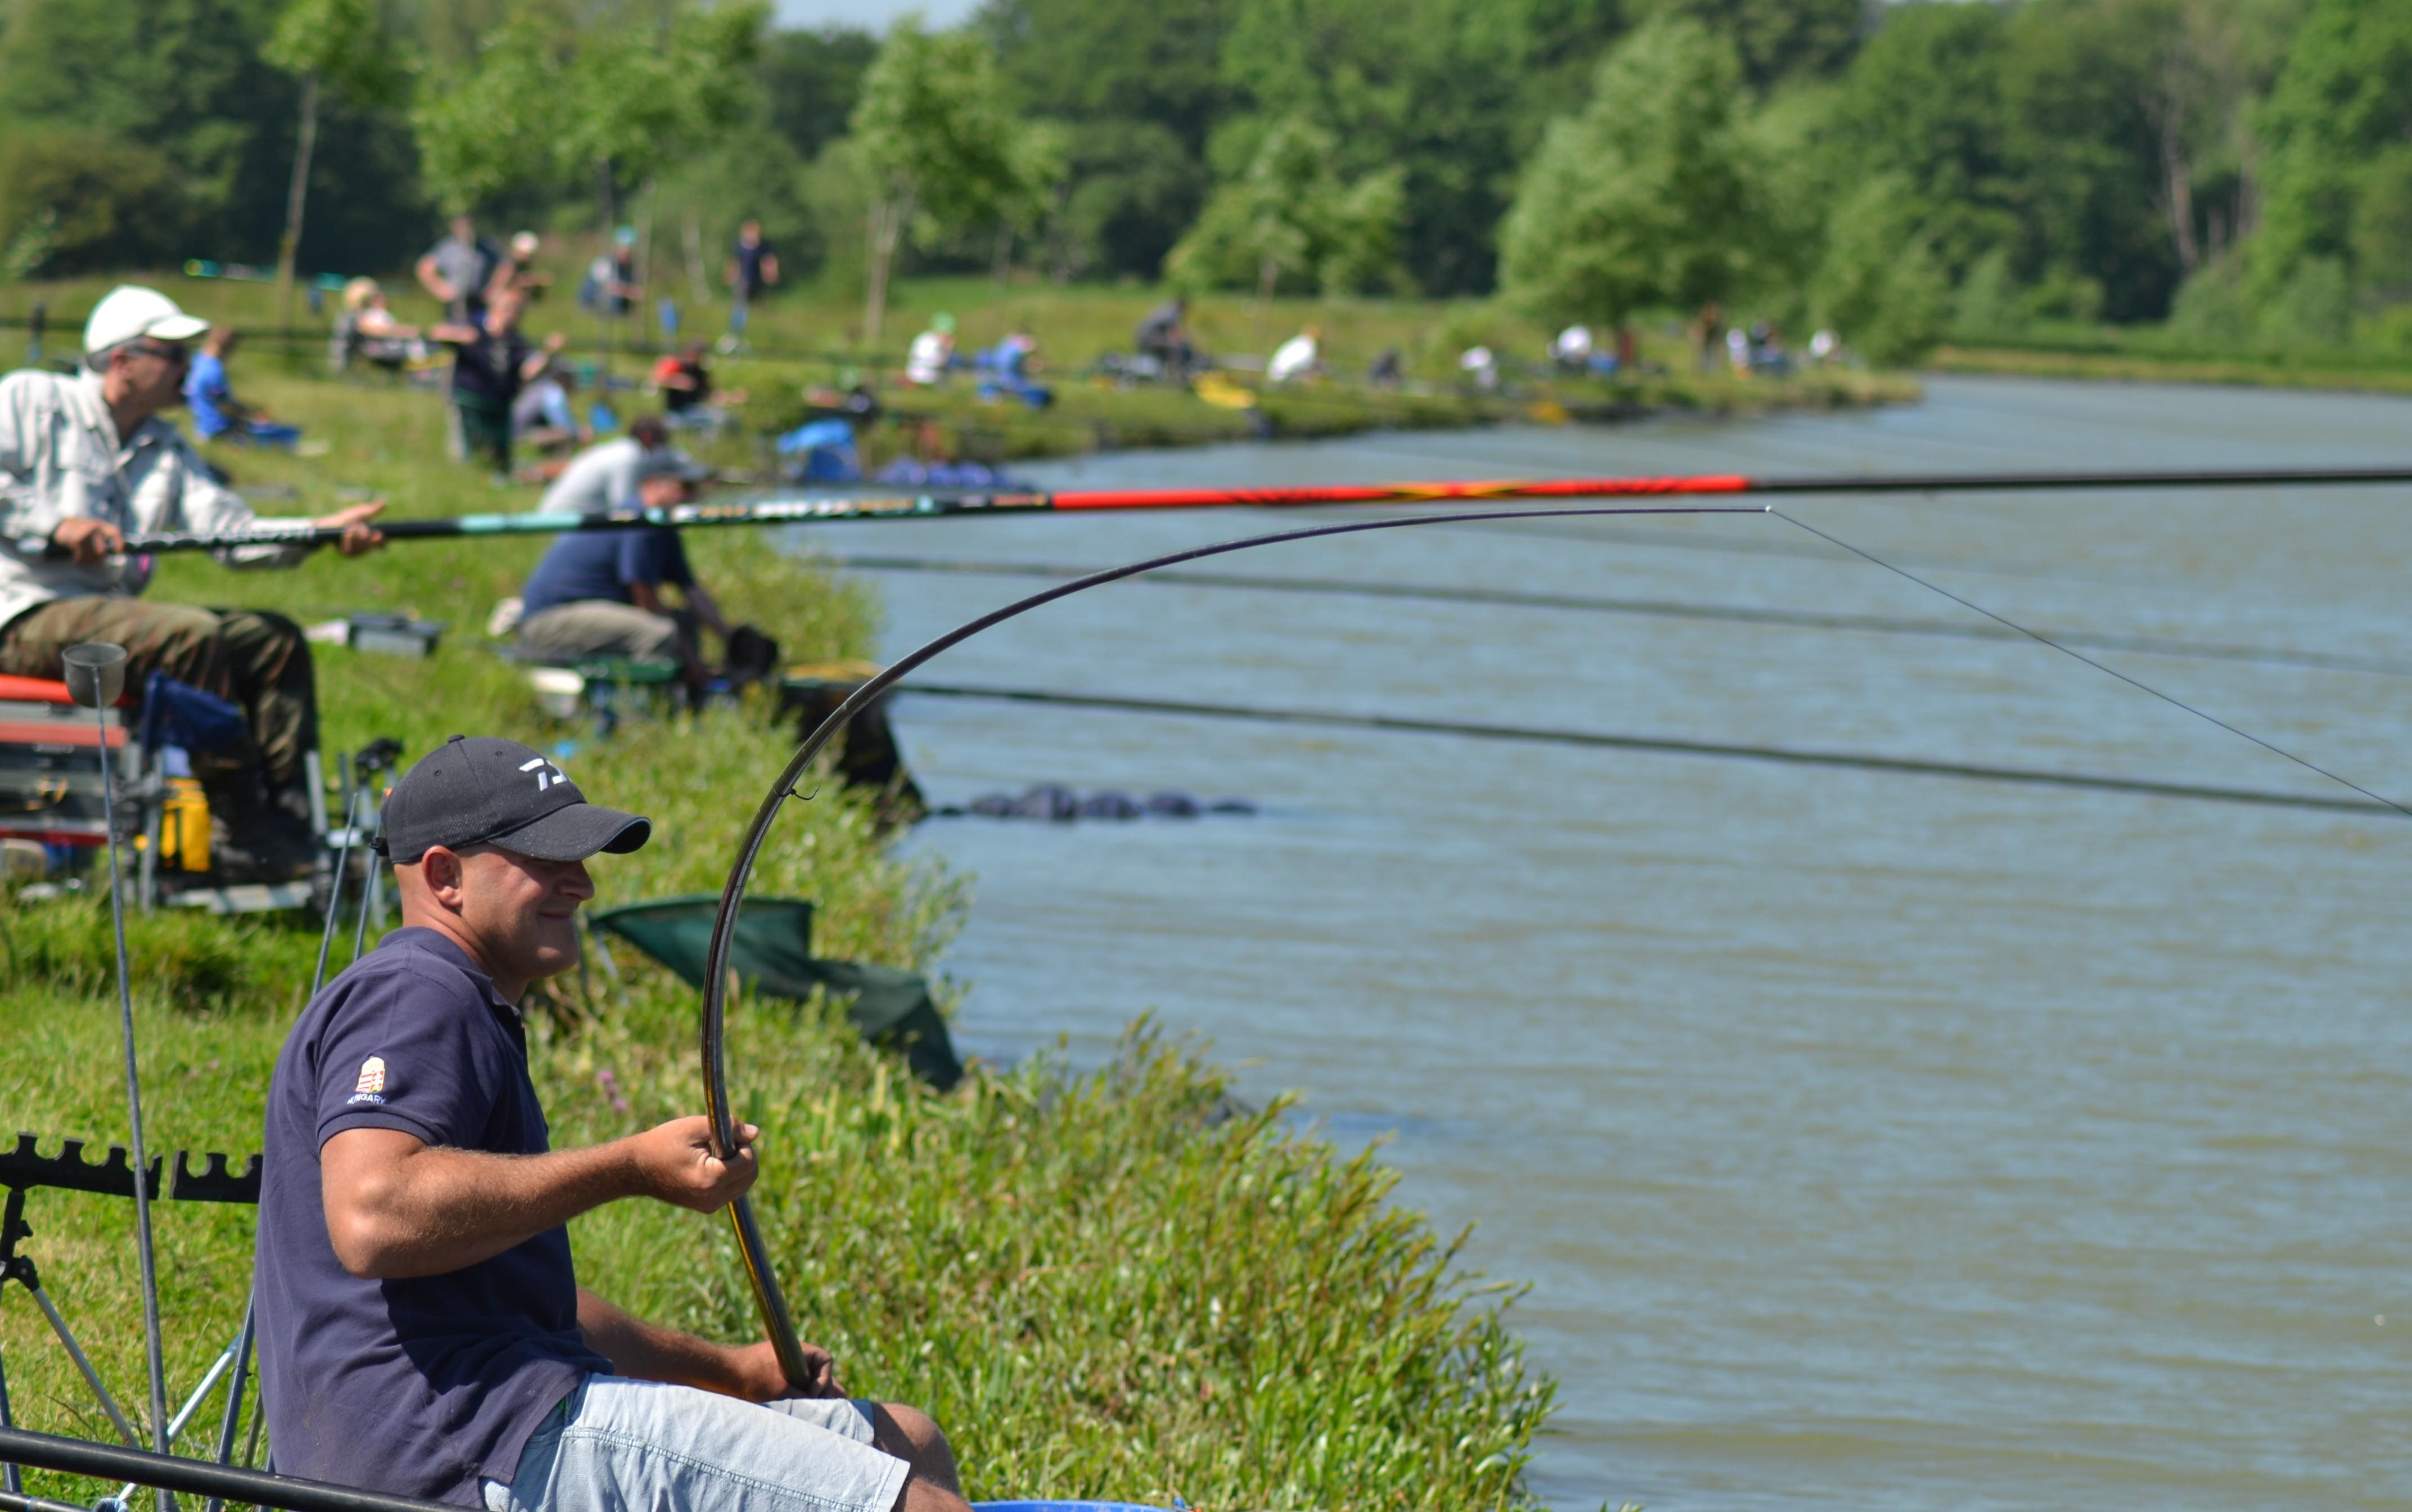 Áprilisban indulnak a horgászversenyek a vasi vizeken